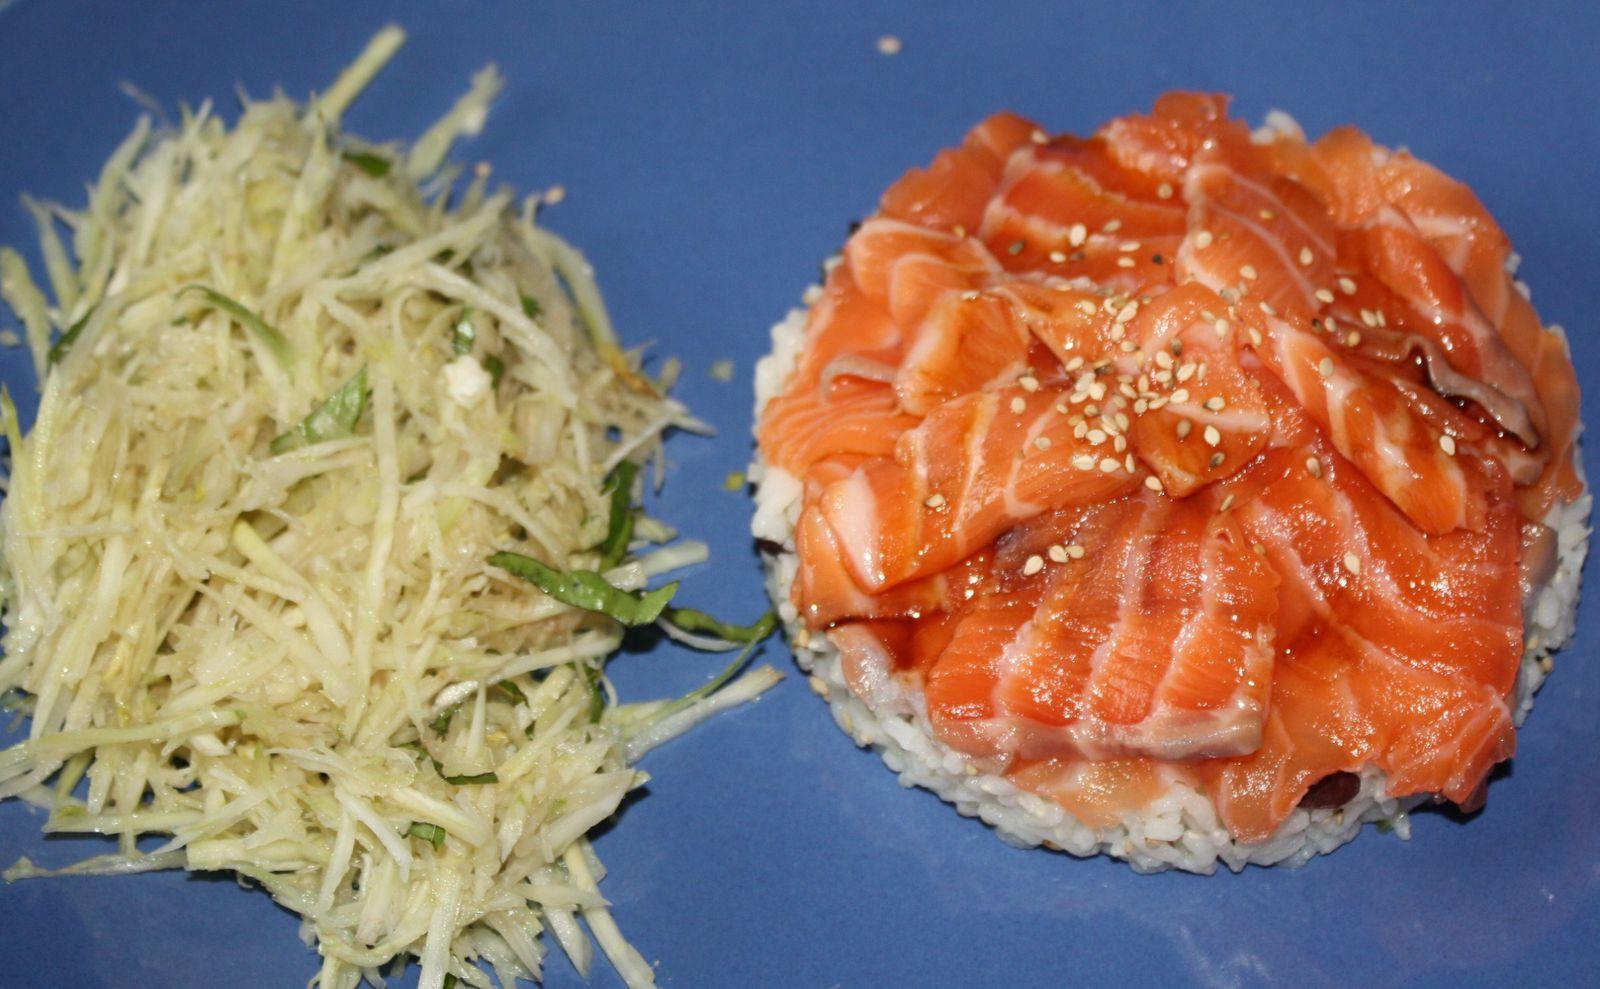 Saumon cru façon chirashi et salade de fenouil au basilic